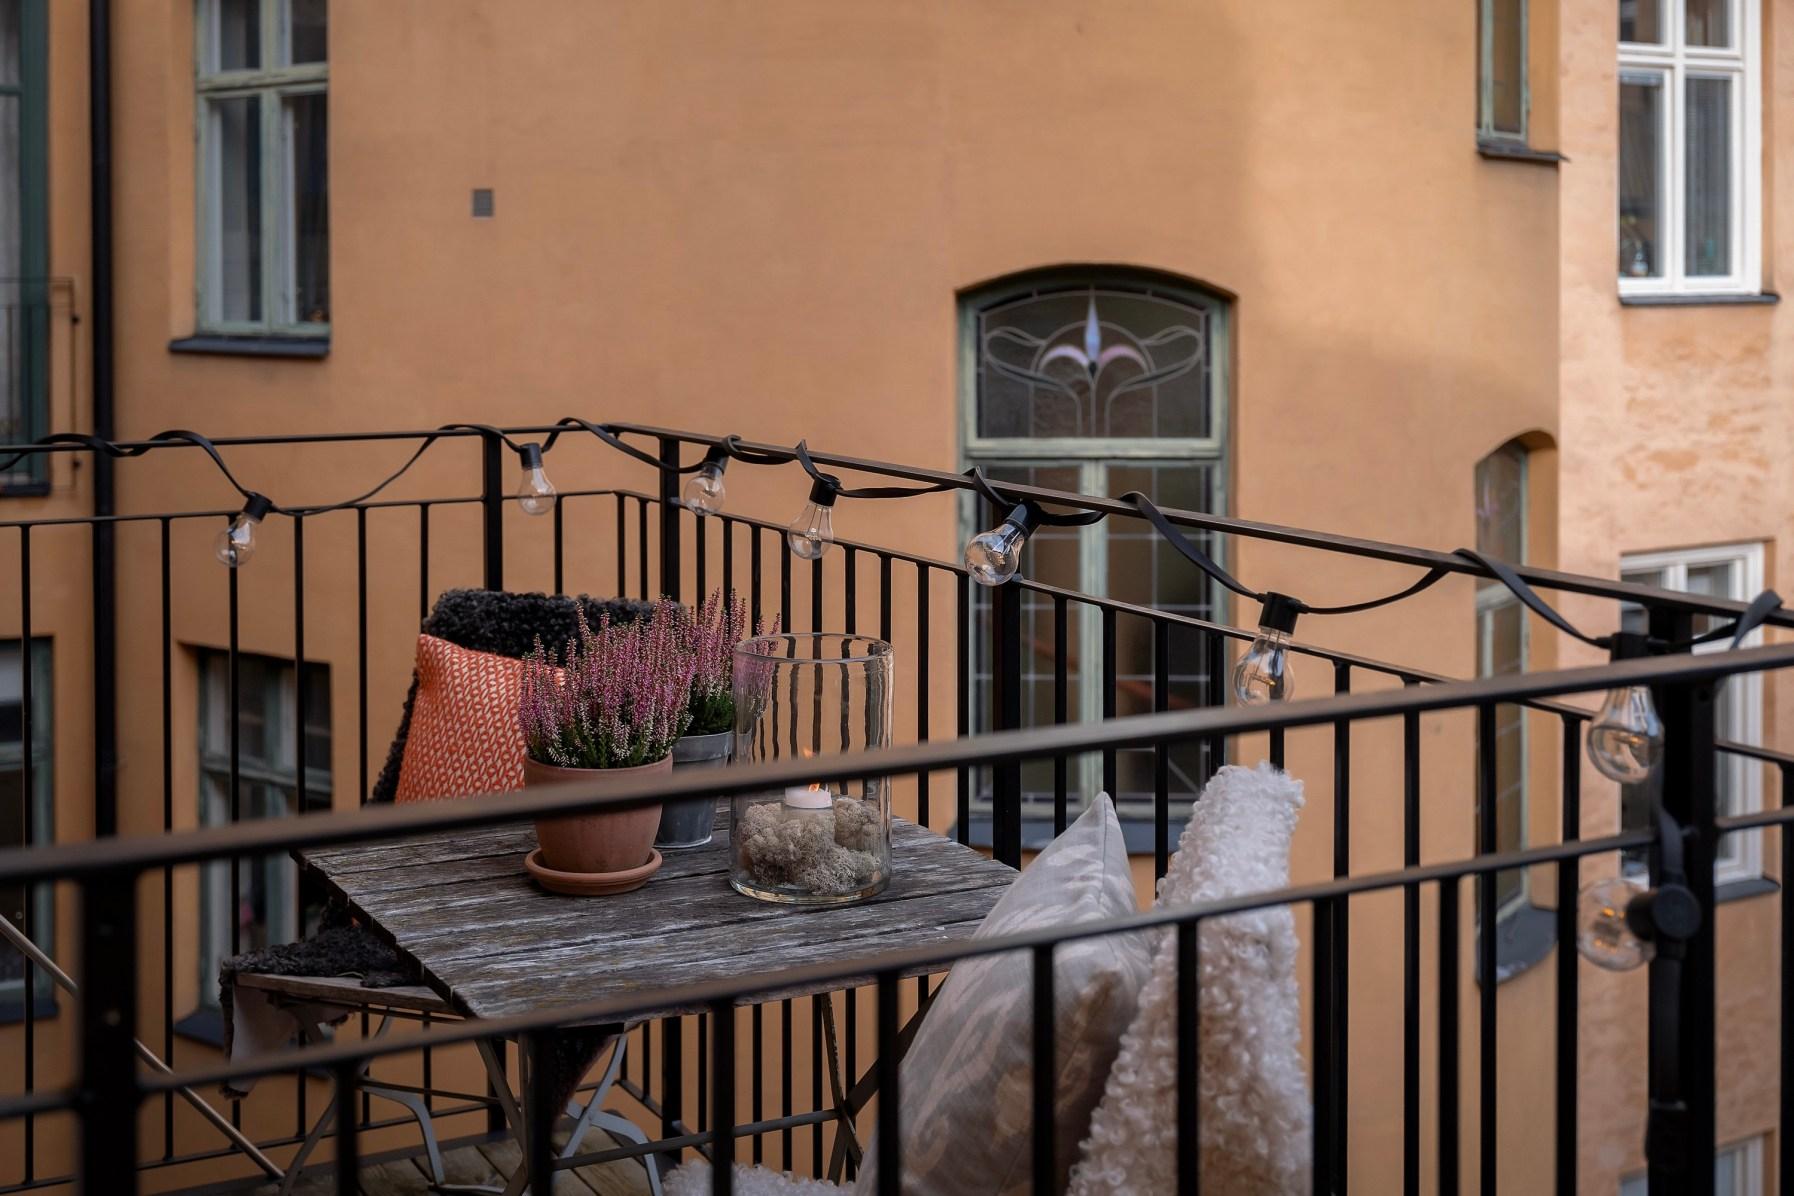 балкон с гирляндой